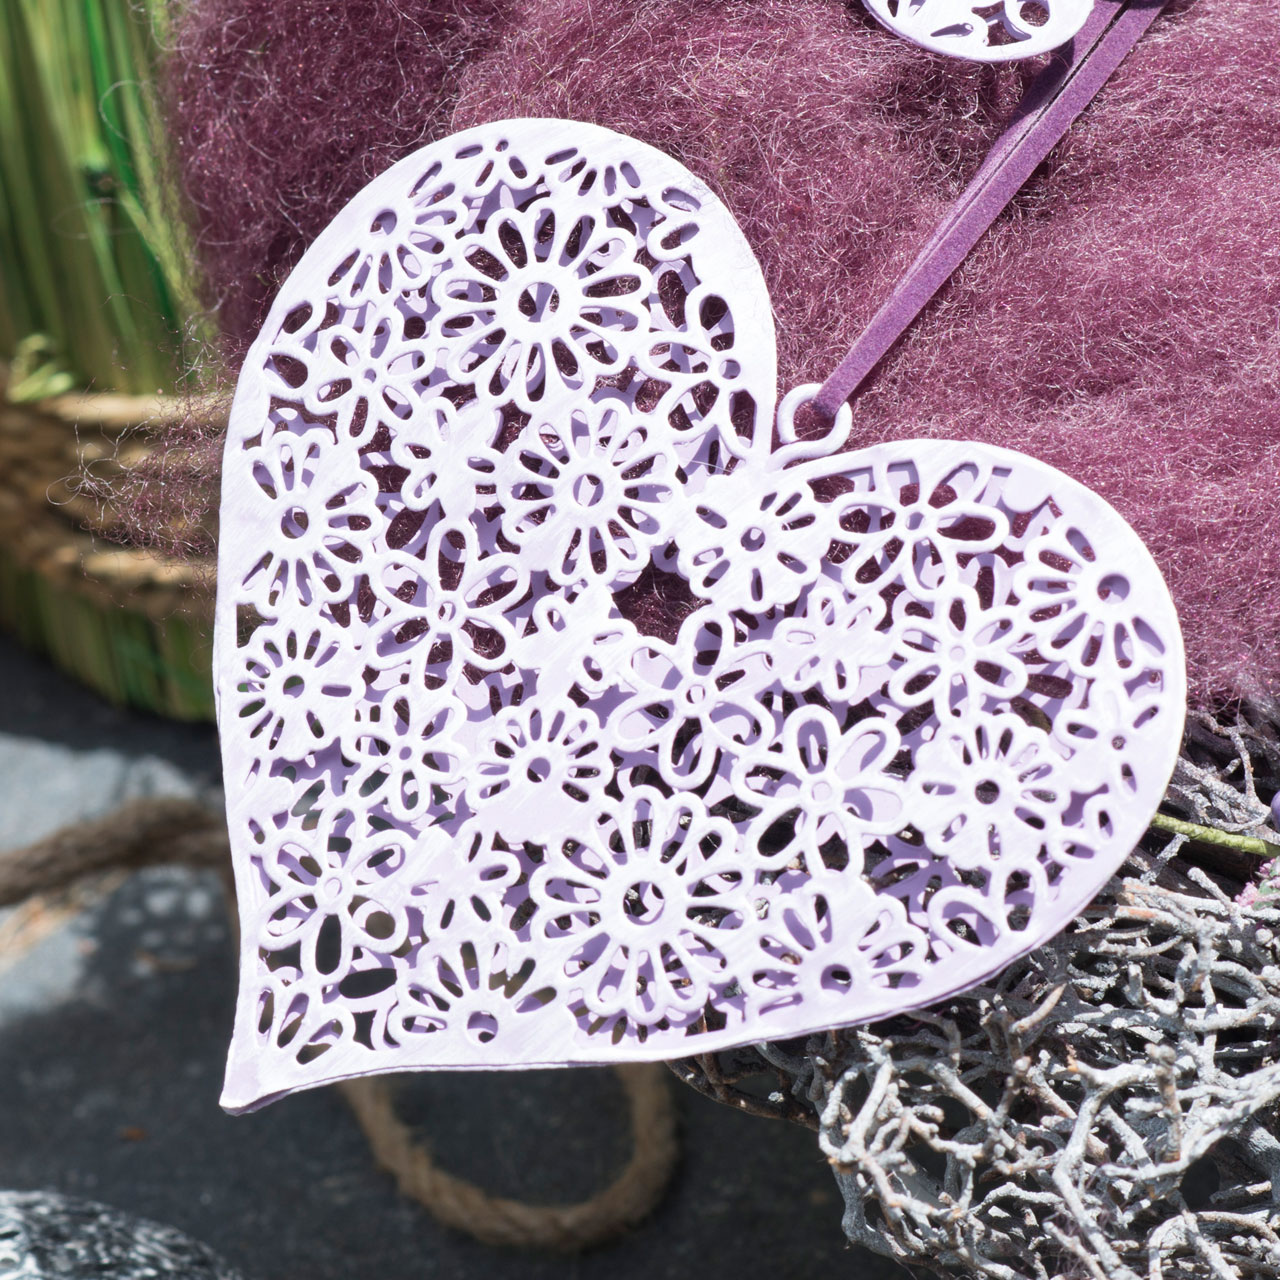 6tlg Anhänger SUMMER GARDEN weiß braun aus Metall Deko Herz Blume Schmetterling